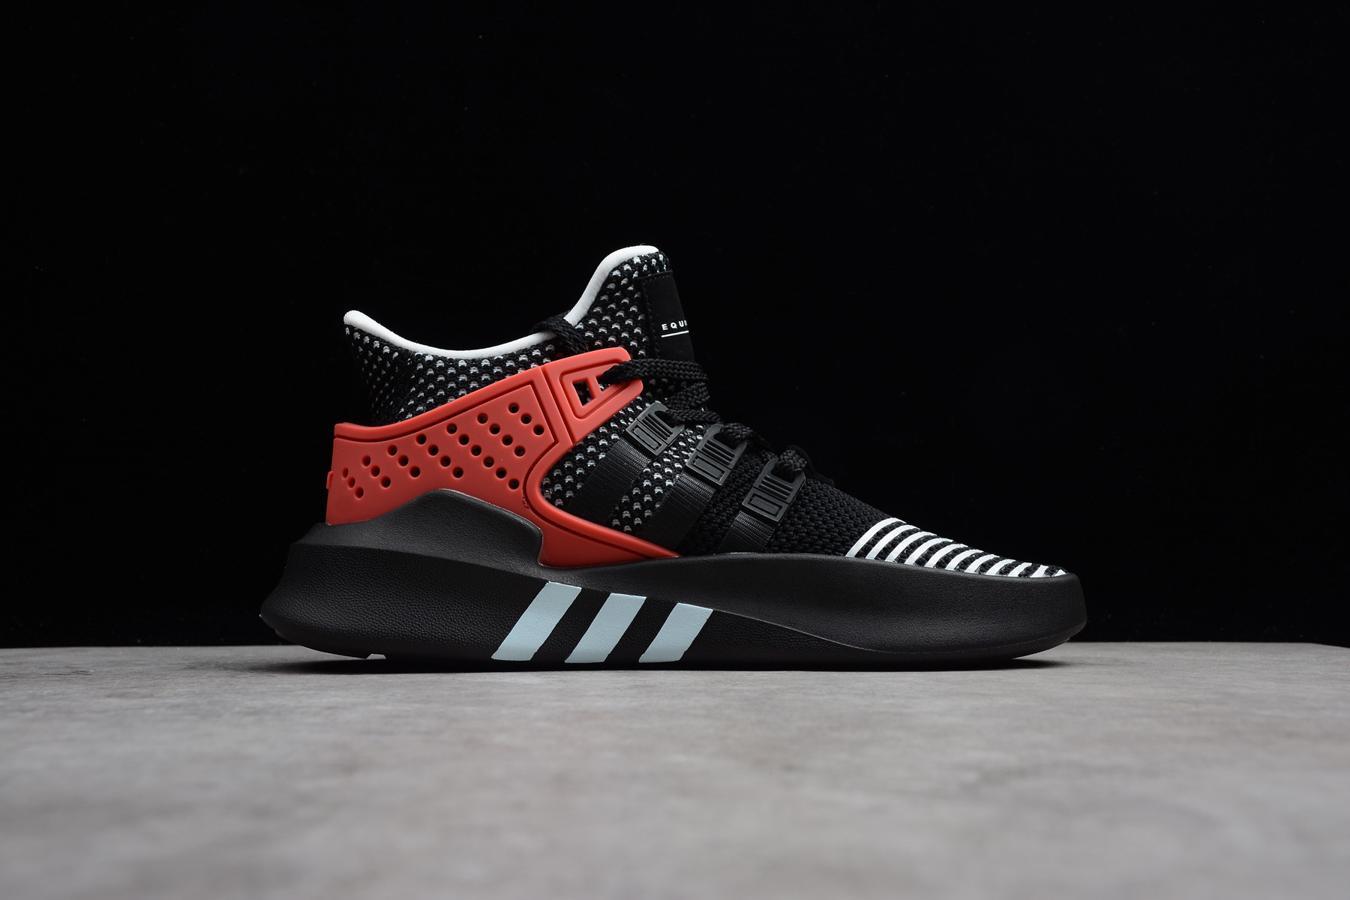 adidas EQT Bask ADV Black Red 2